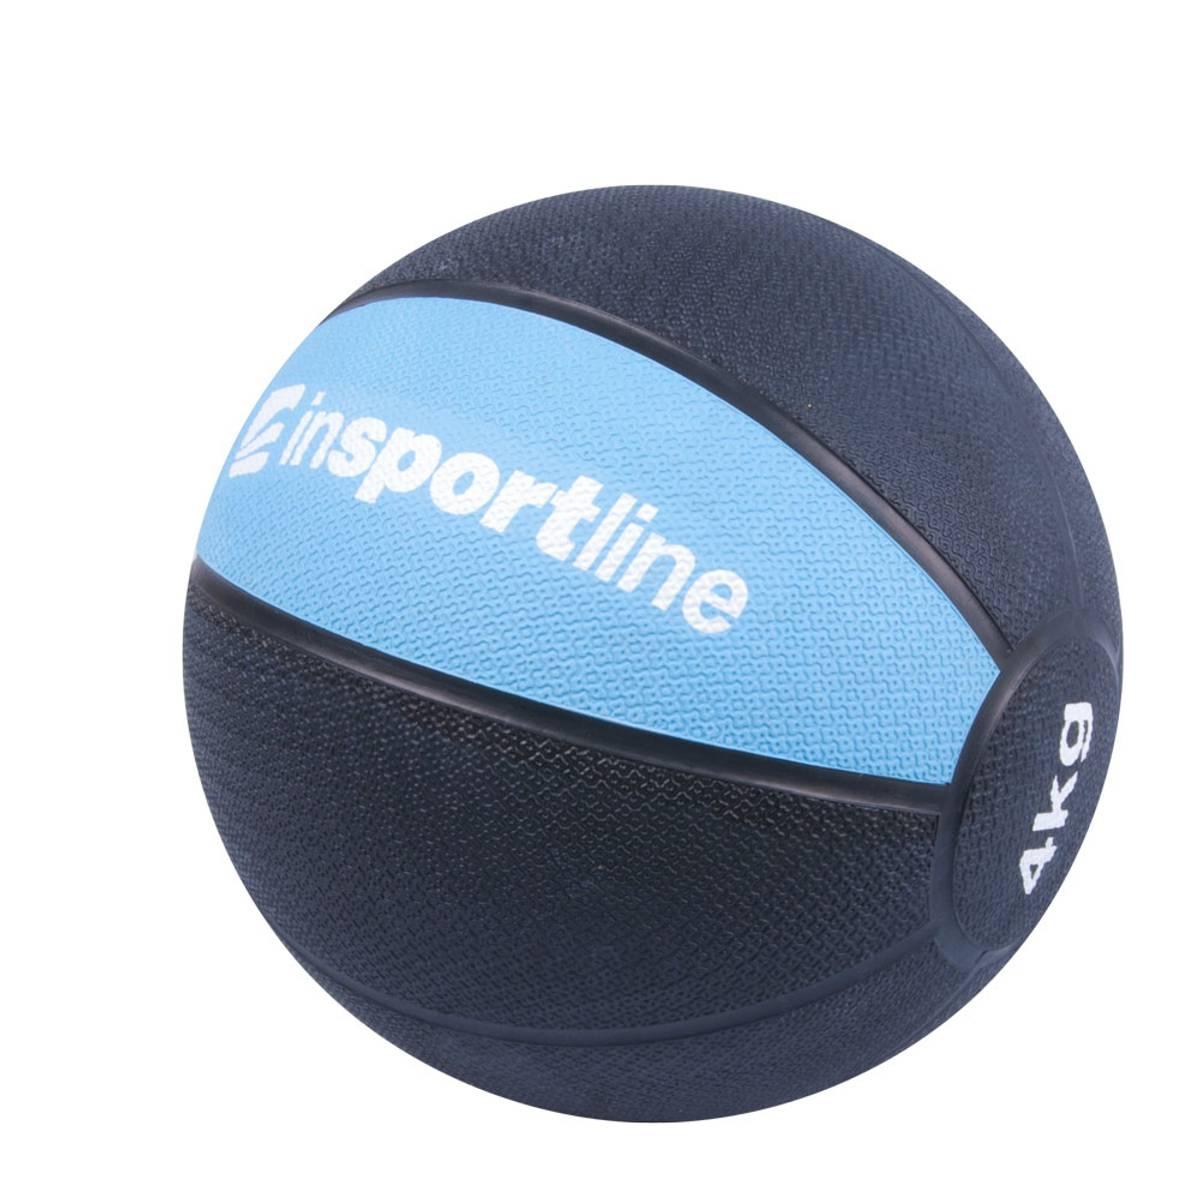 Medisinball inSPORTline MB63 - 4kg